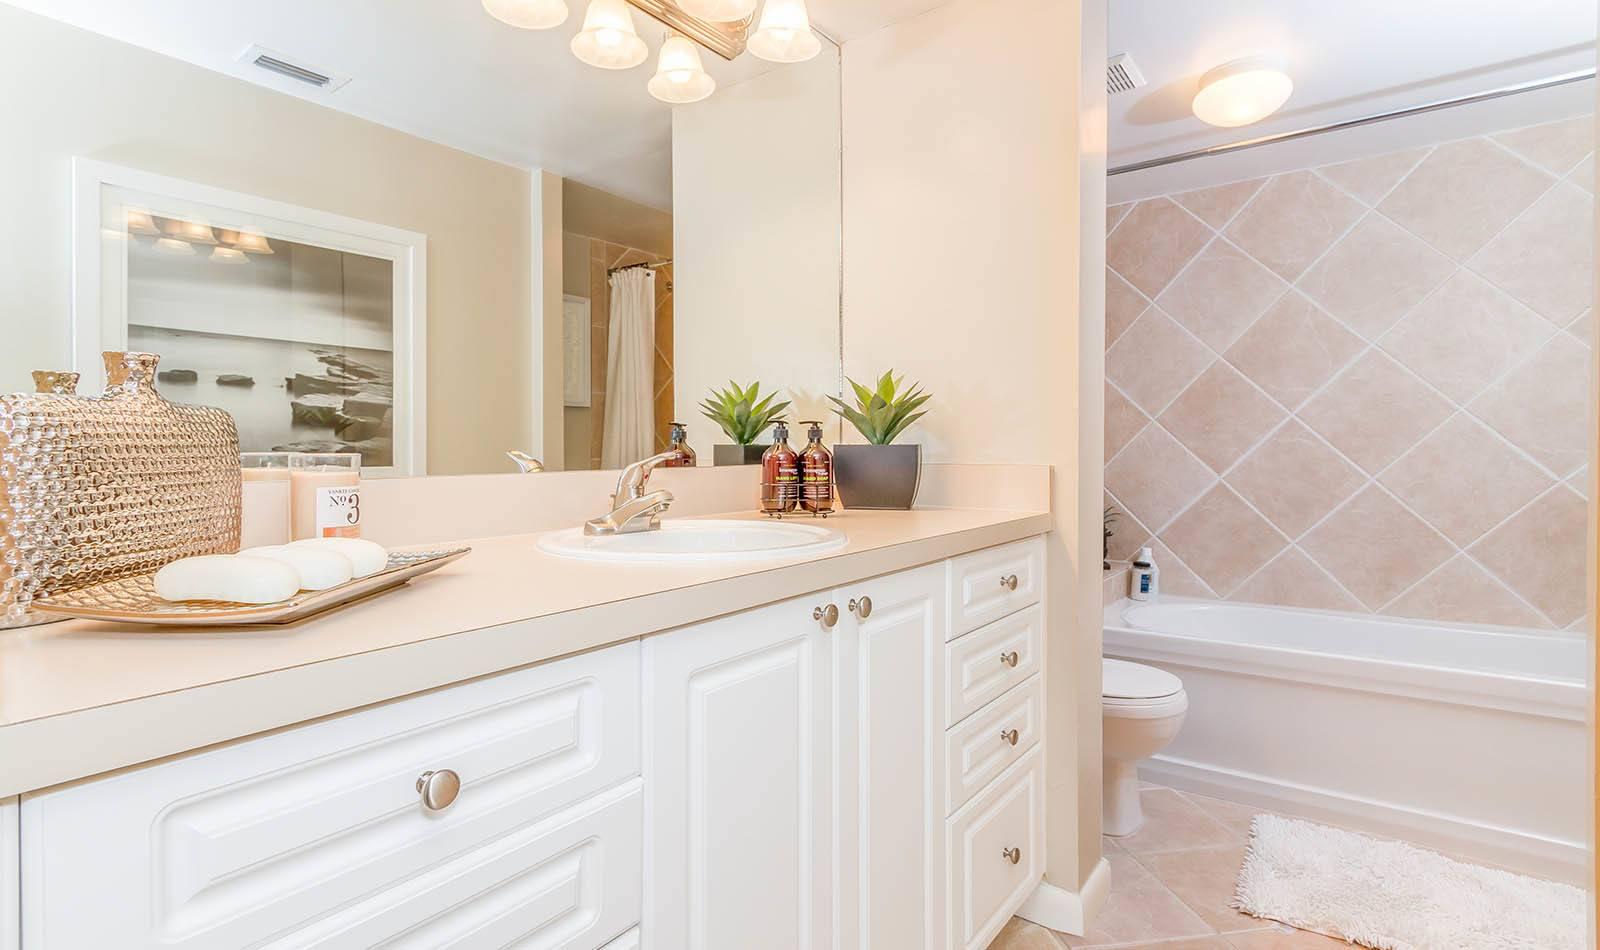 Bathroom at The Fountains in Palm Beach, FL